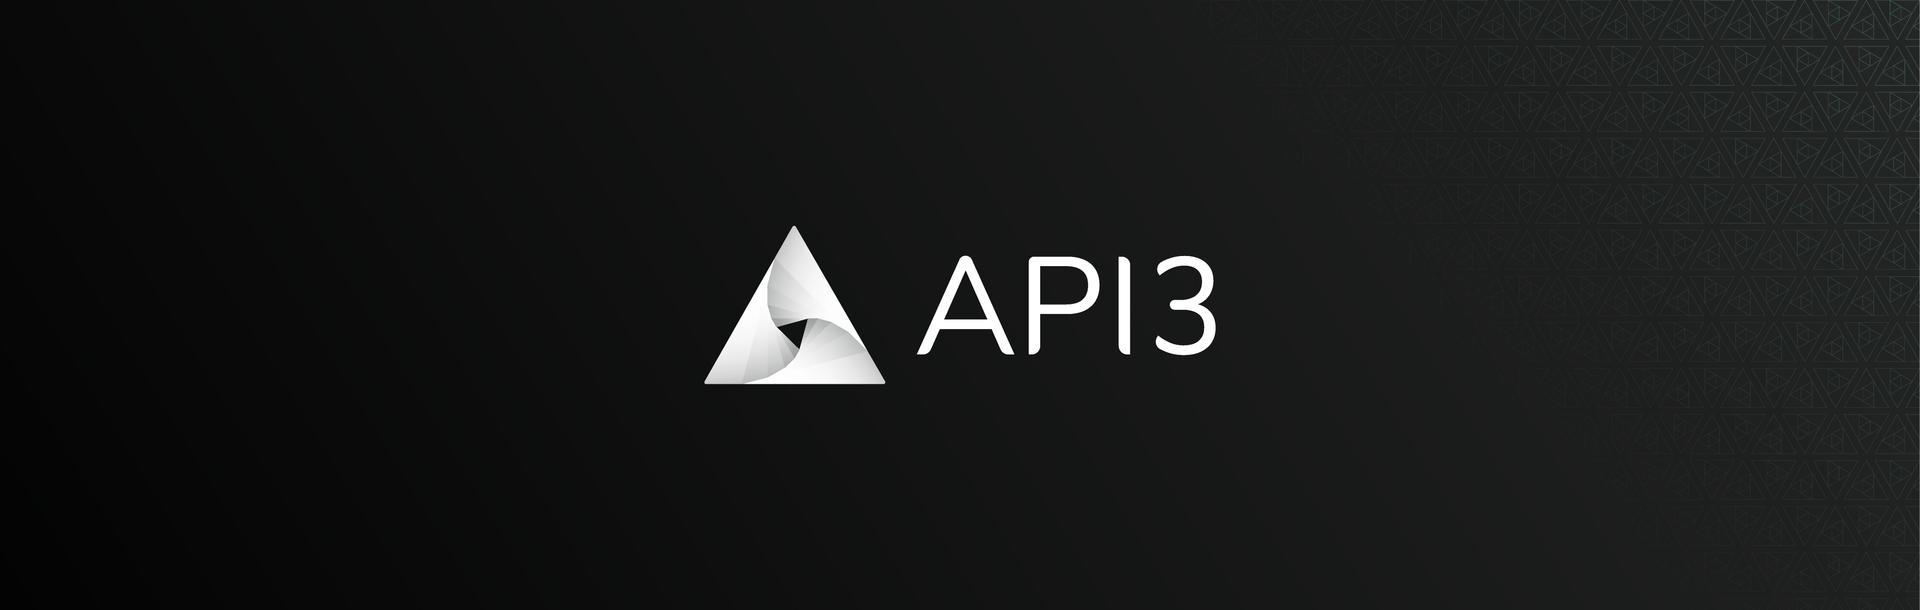 深入了解去中心化的API服务:API3